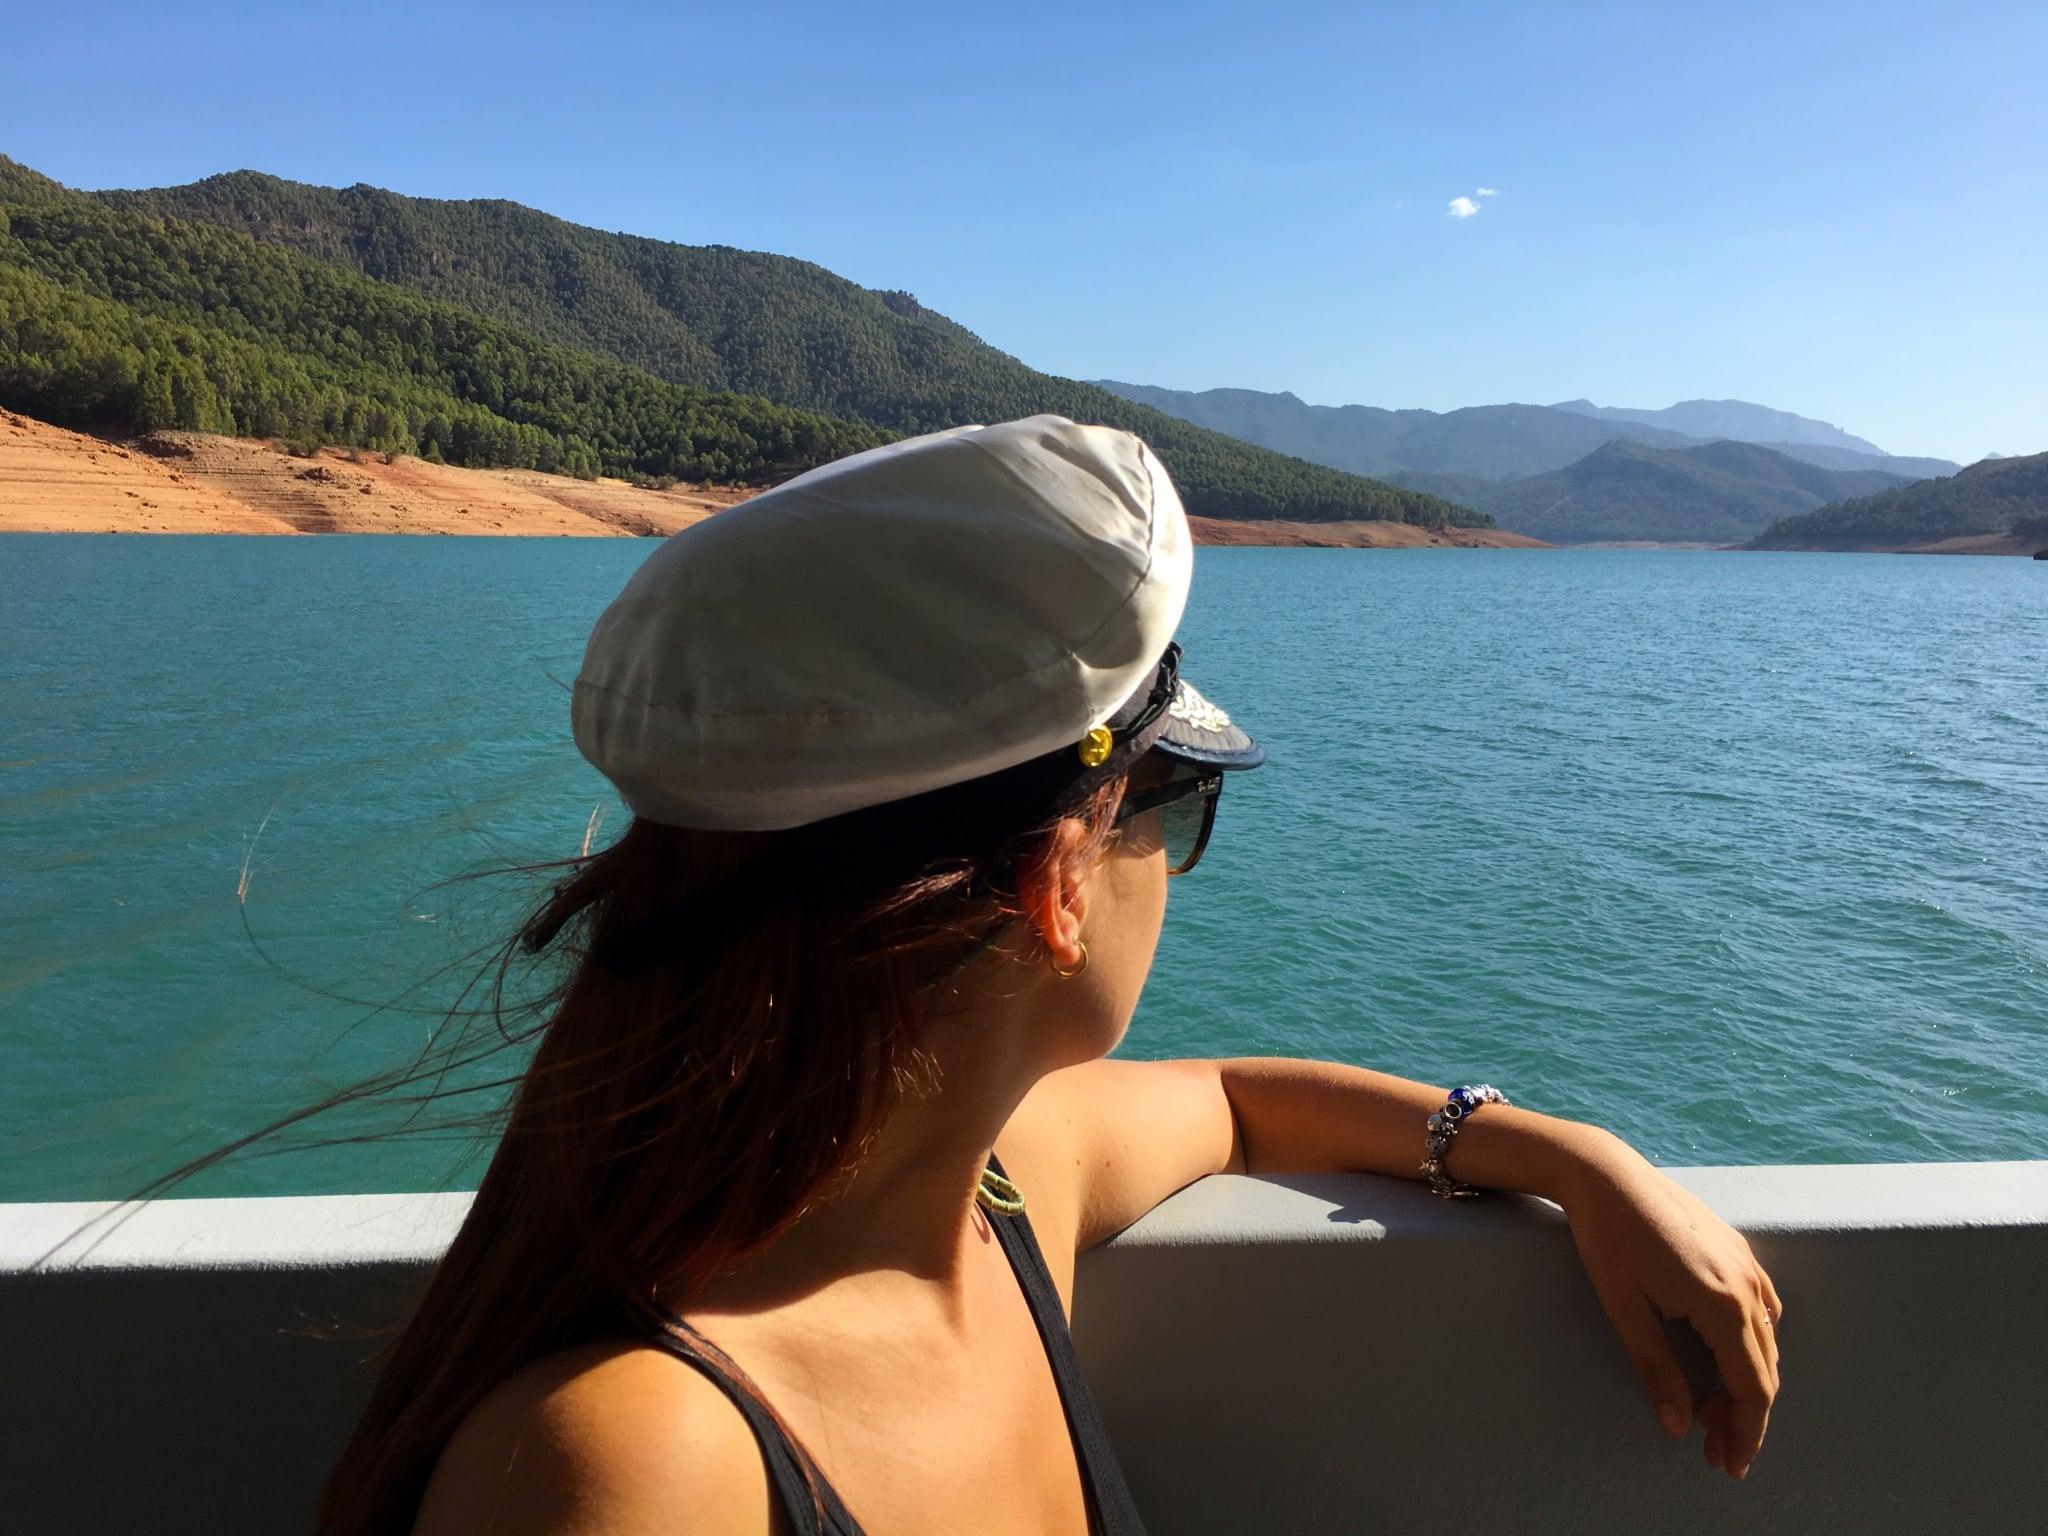 mamá en el barco